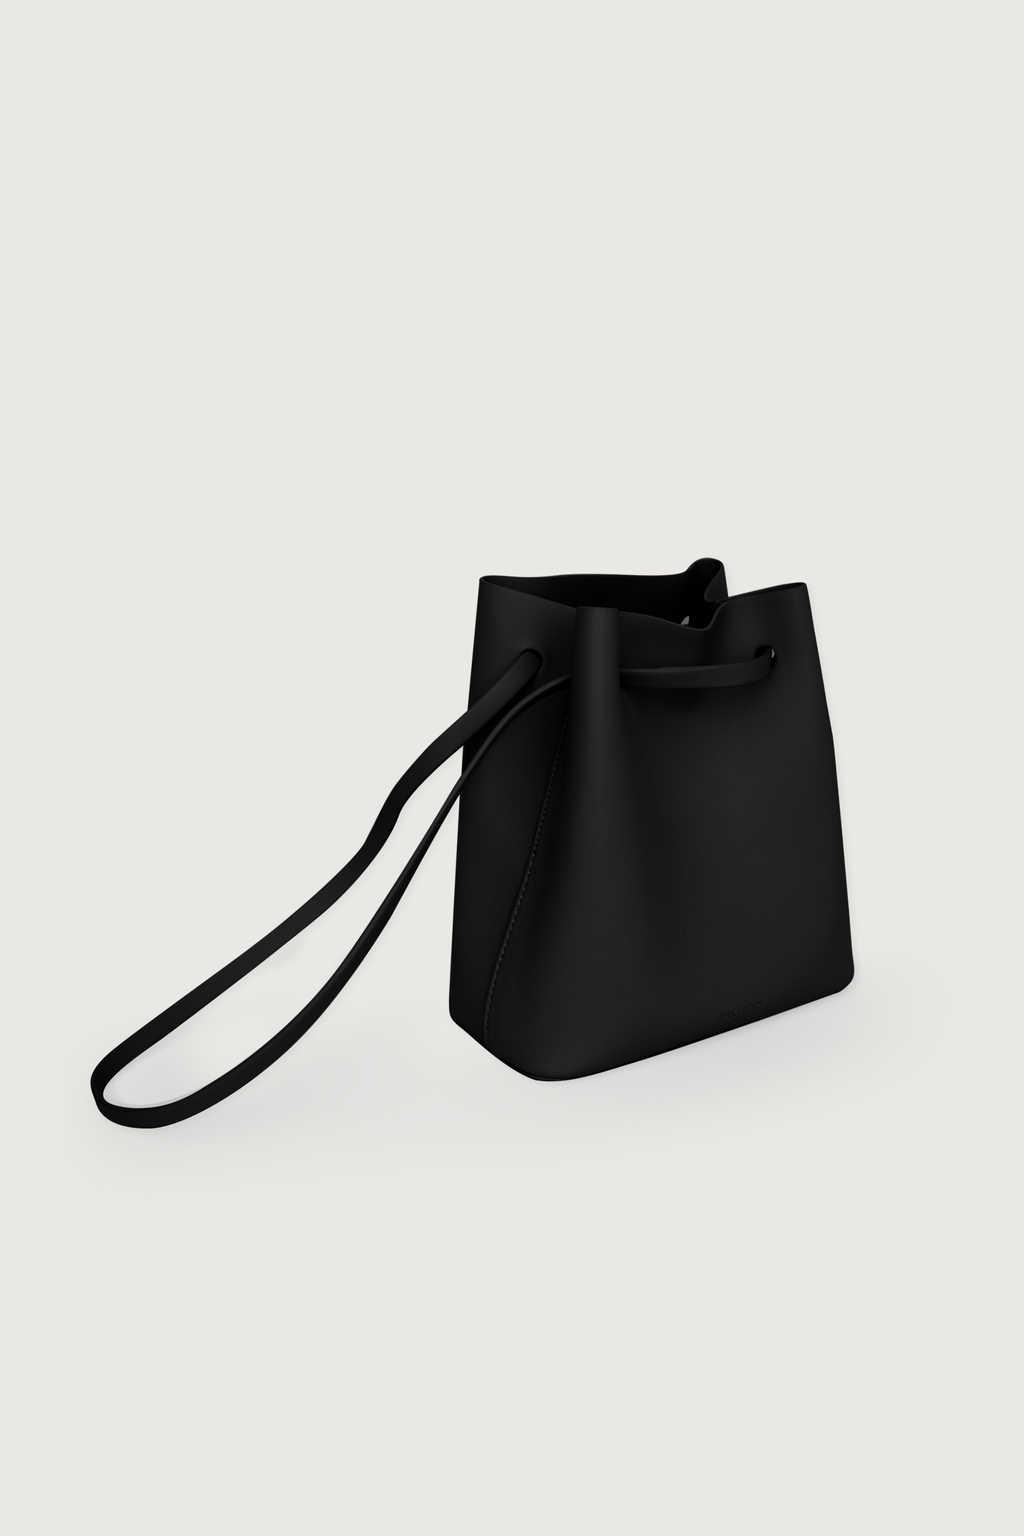 Bag 198320191 Black 14